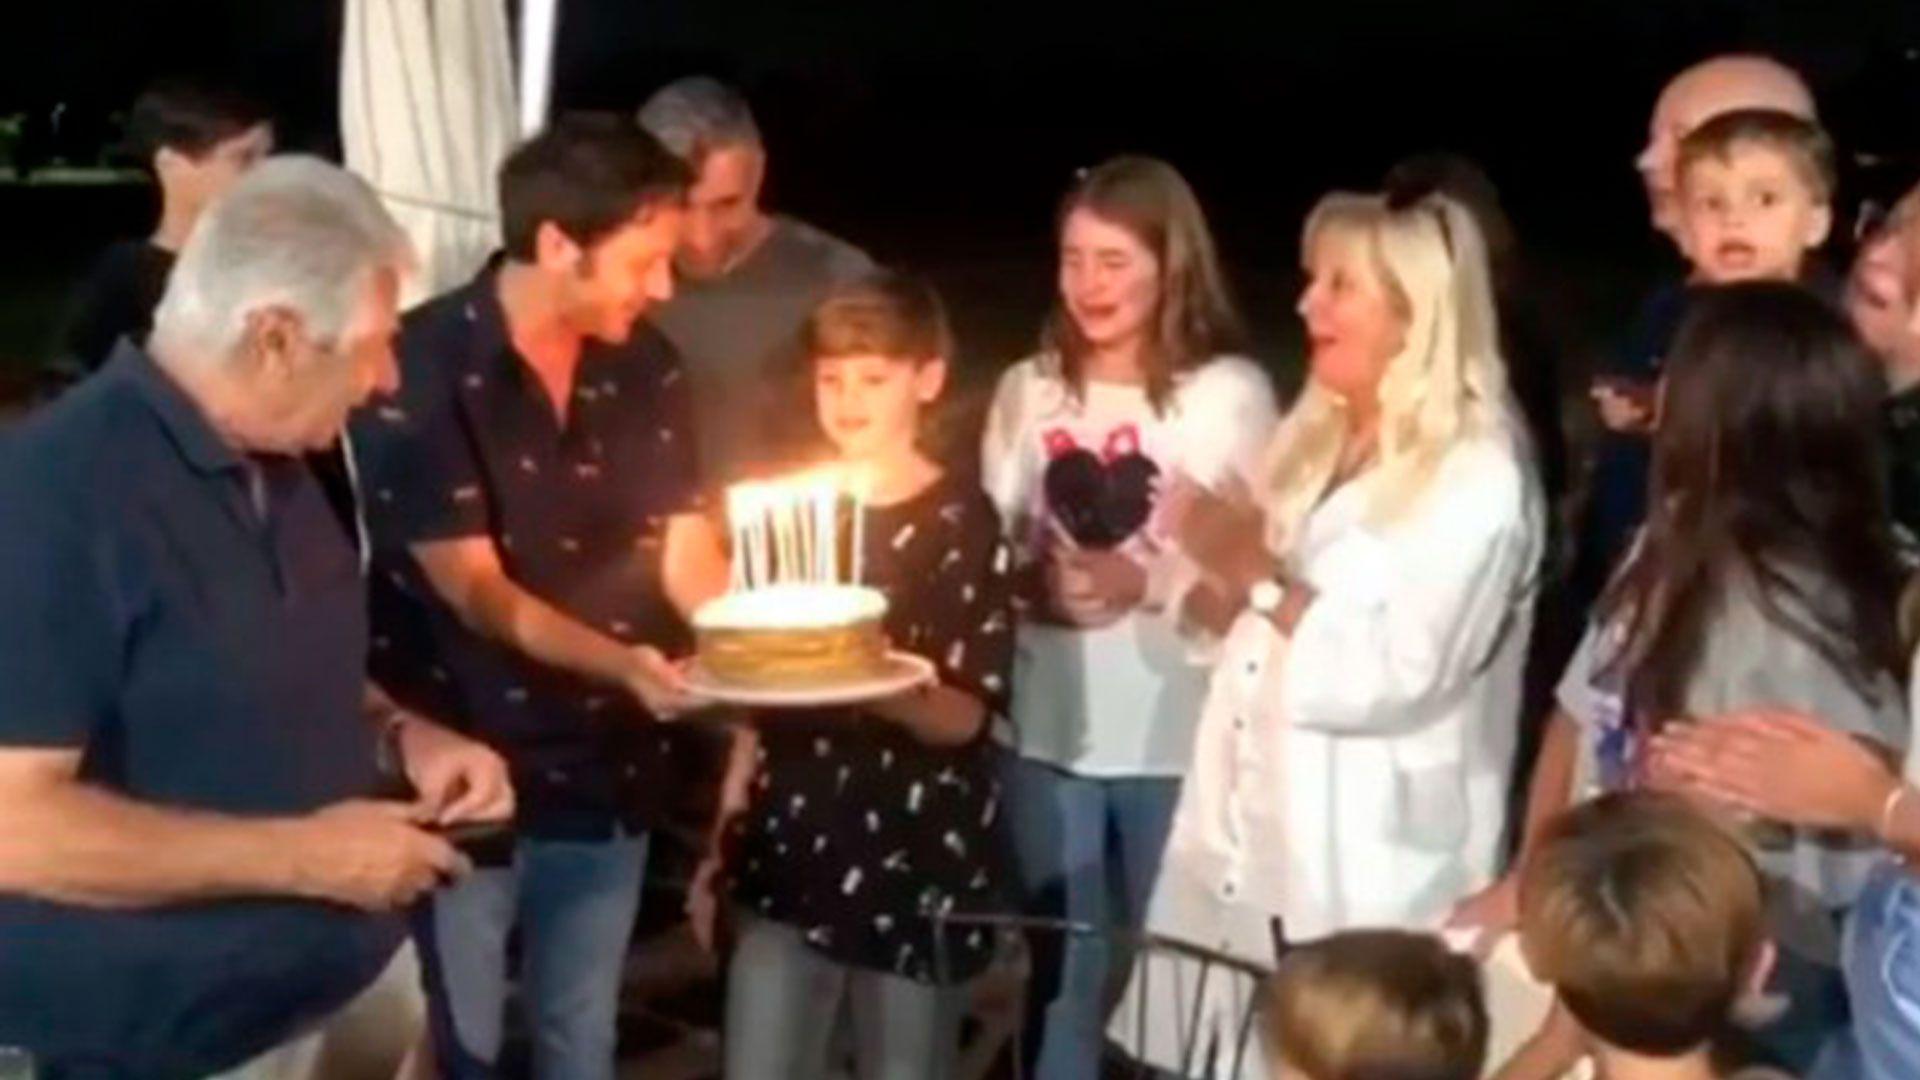 """Benjamín Vicuña sorprendió a Bautista en Chile con una torta; """"Celebrándote"""", escribió el actor en su cuenta (Foto: Instagram)"""